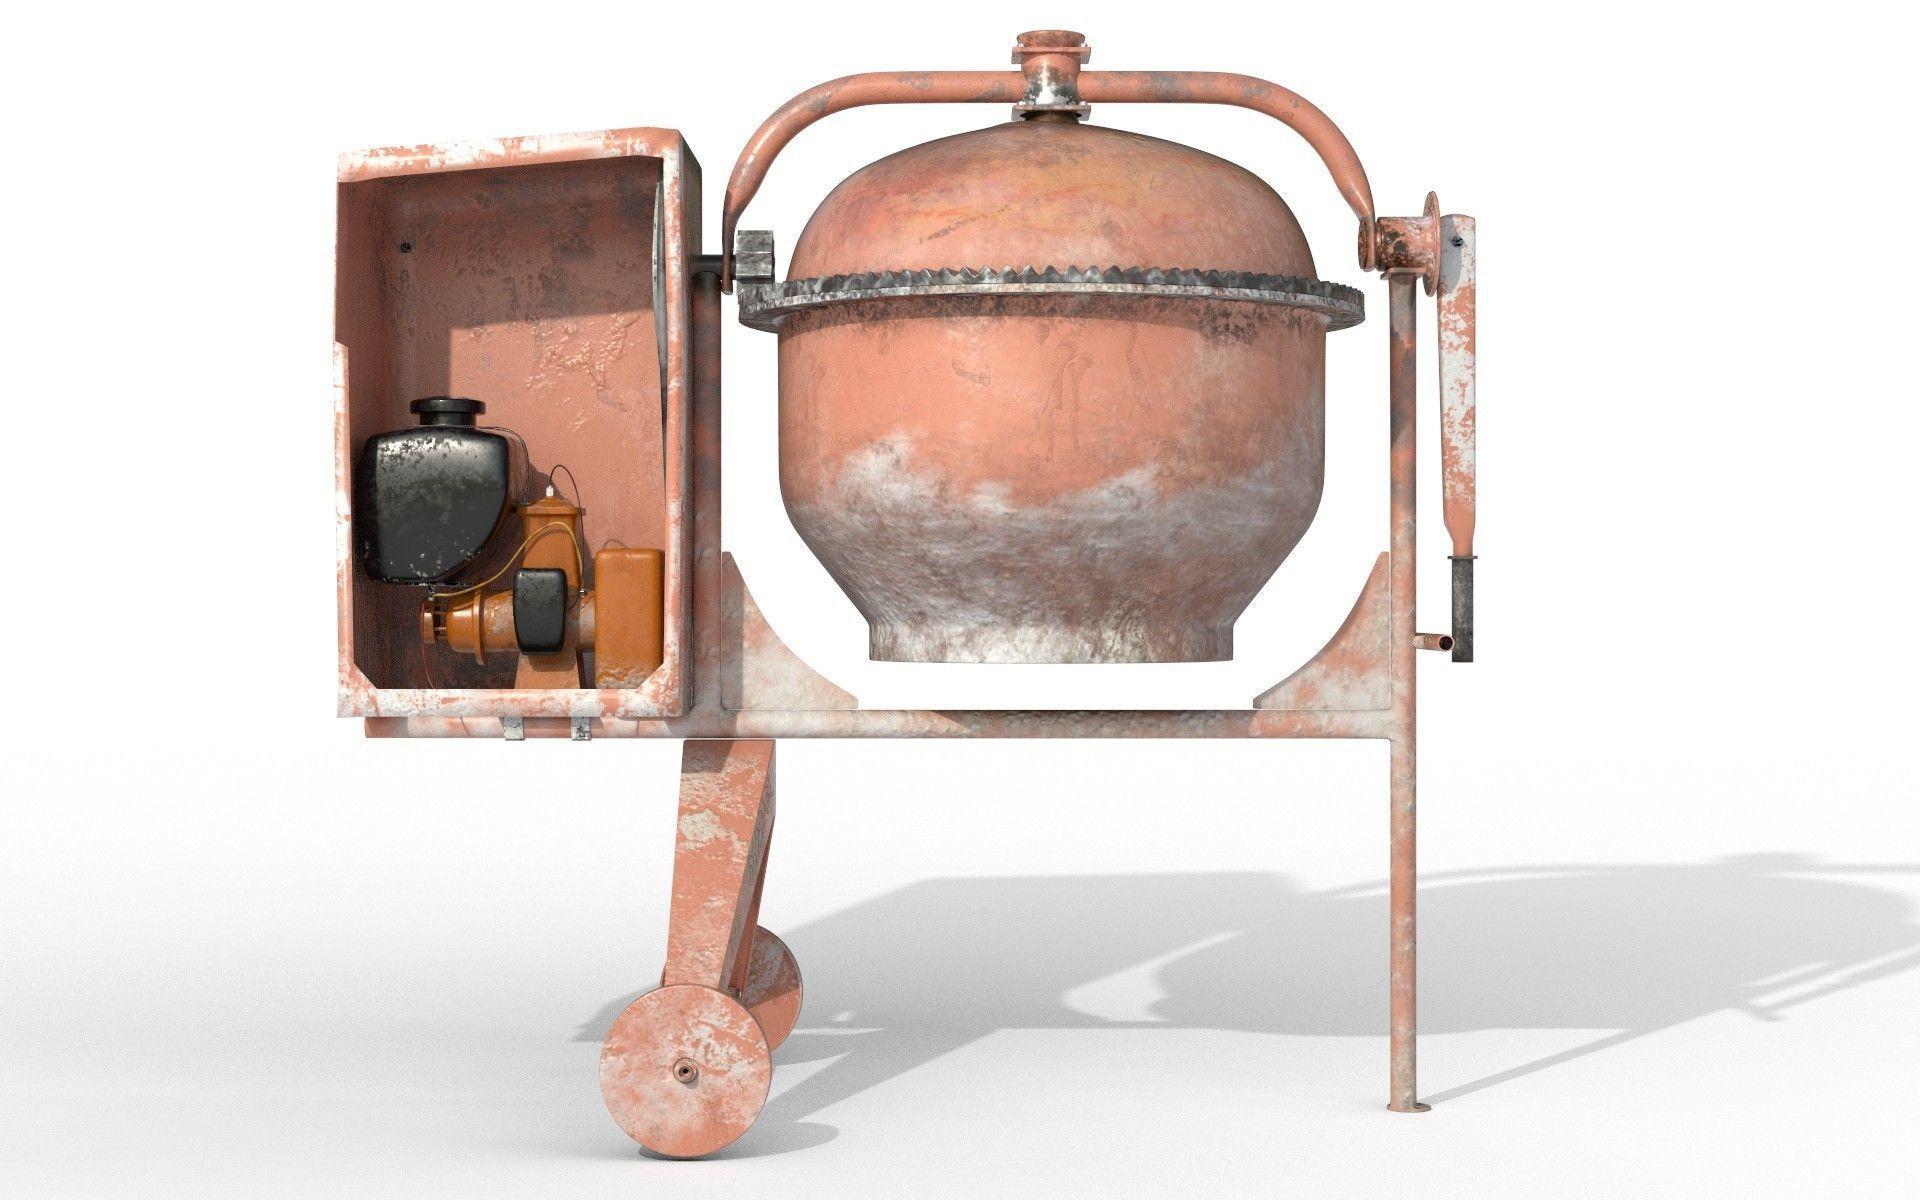 Worn Concrete Mixer High Poly